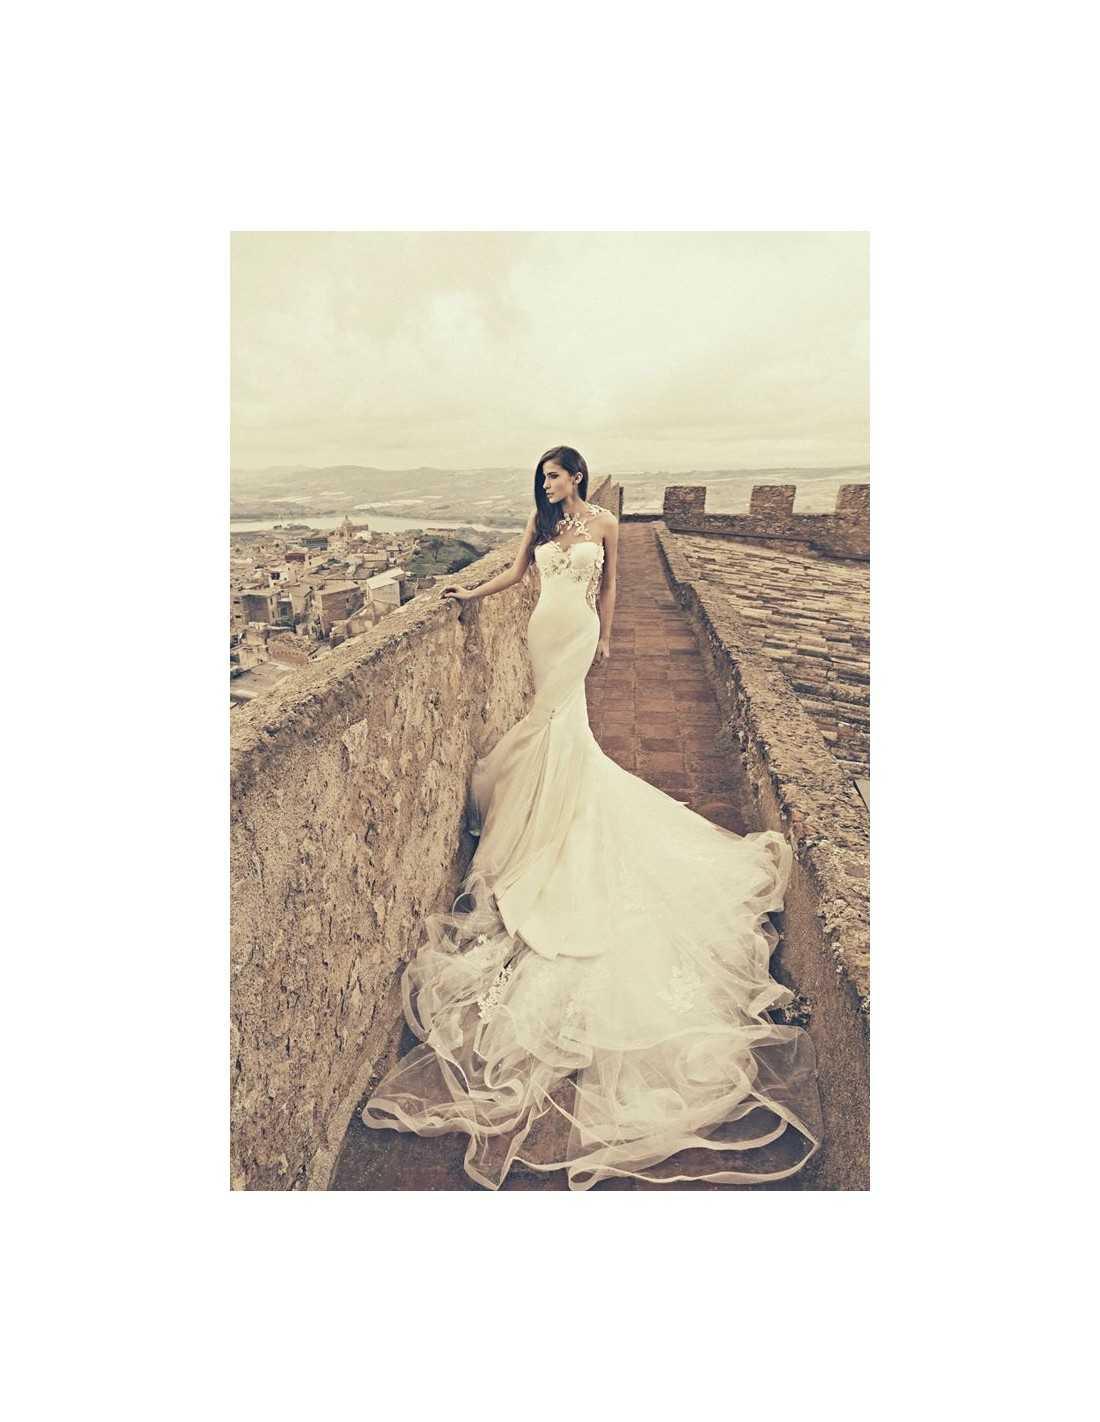 vestido de novias de julia kontogruni a precios especiales - sedka